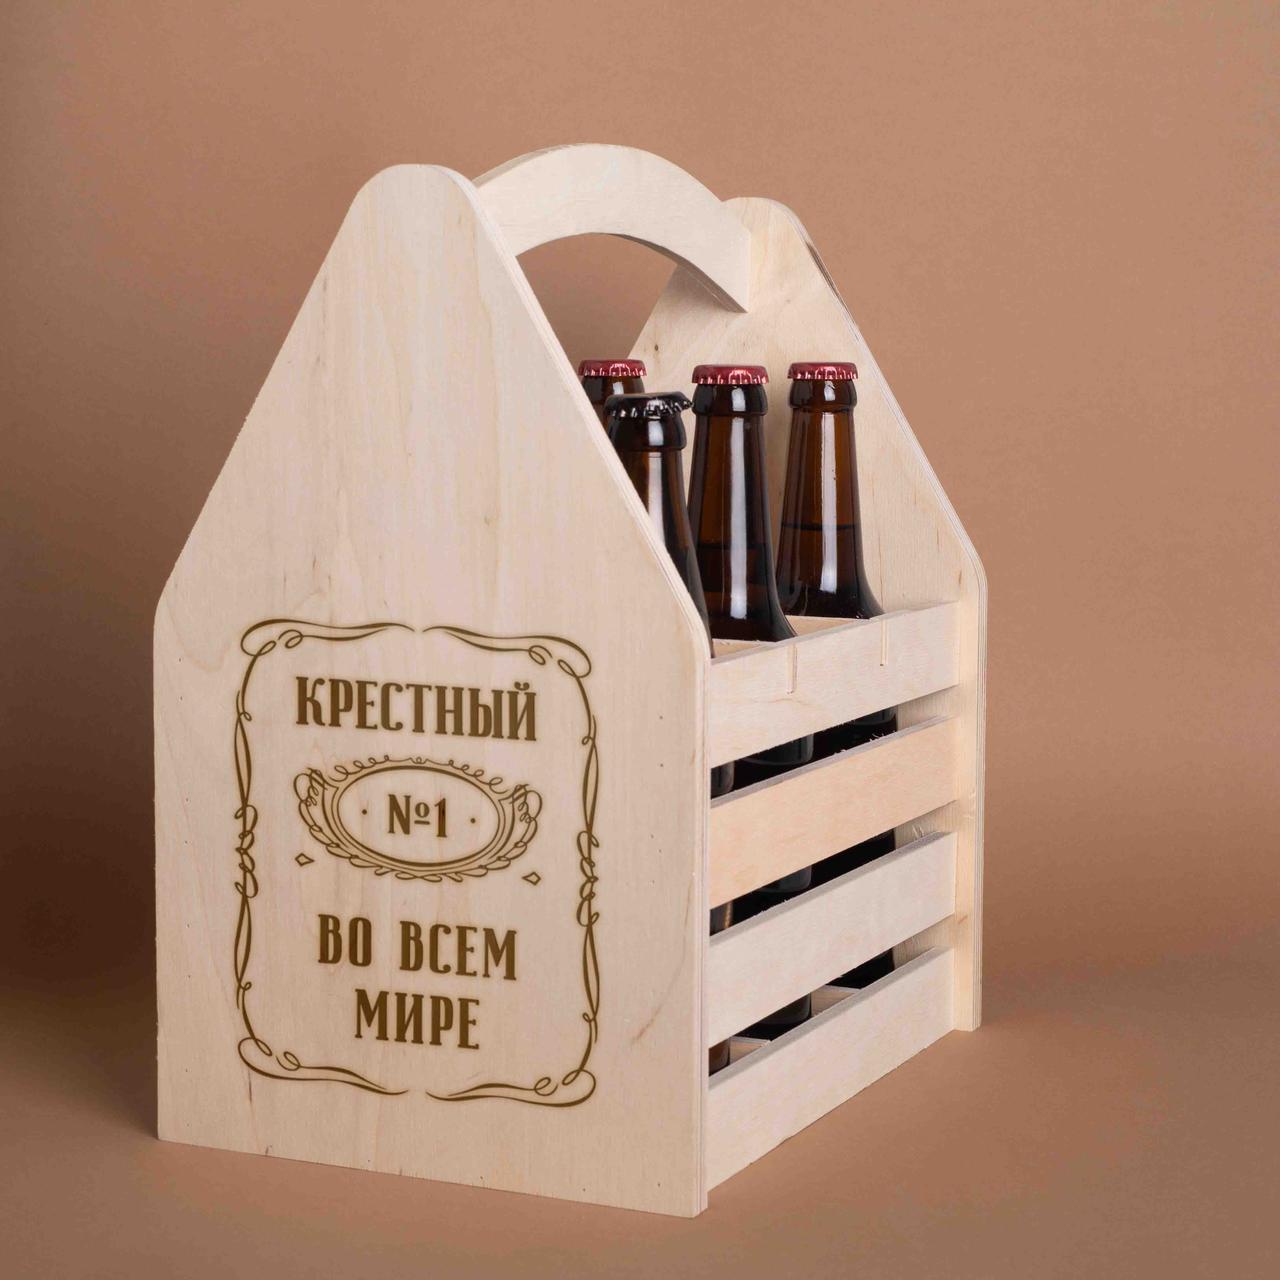 """Ящик для пива """"Крестный №1 во всем мире"""" для 6 бутылок"""